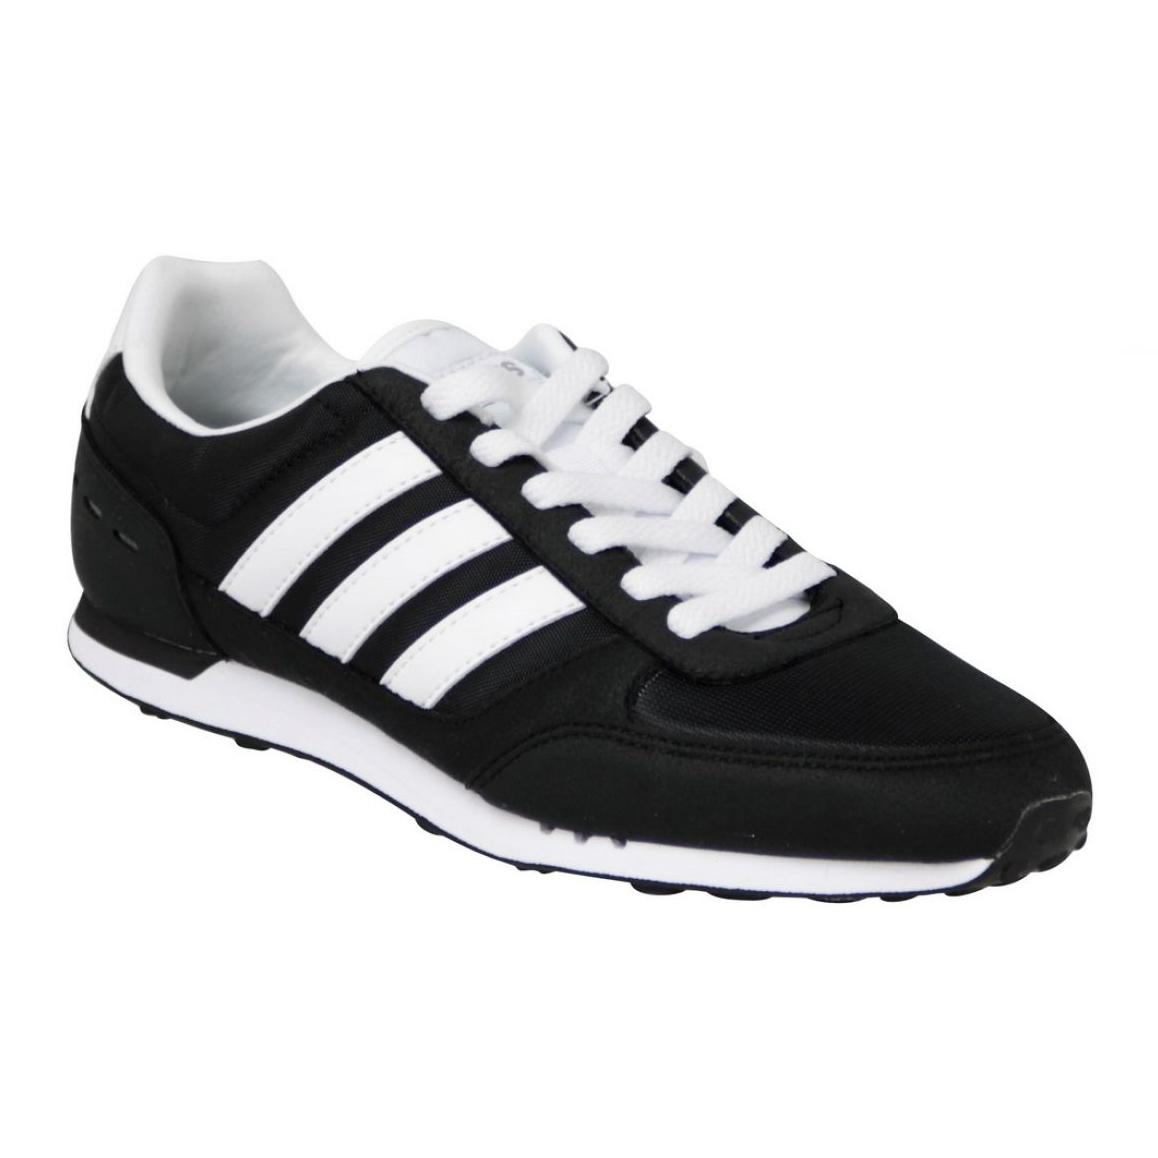 Sapatos adidas Neo City Racer M F99329 preto